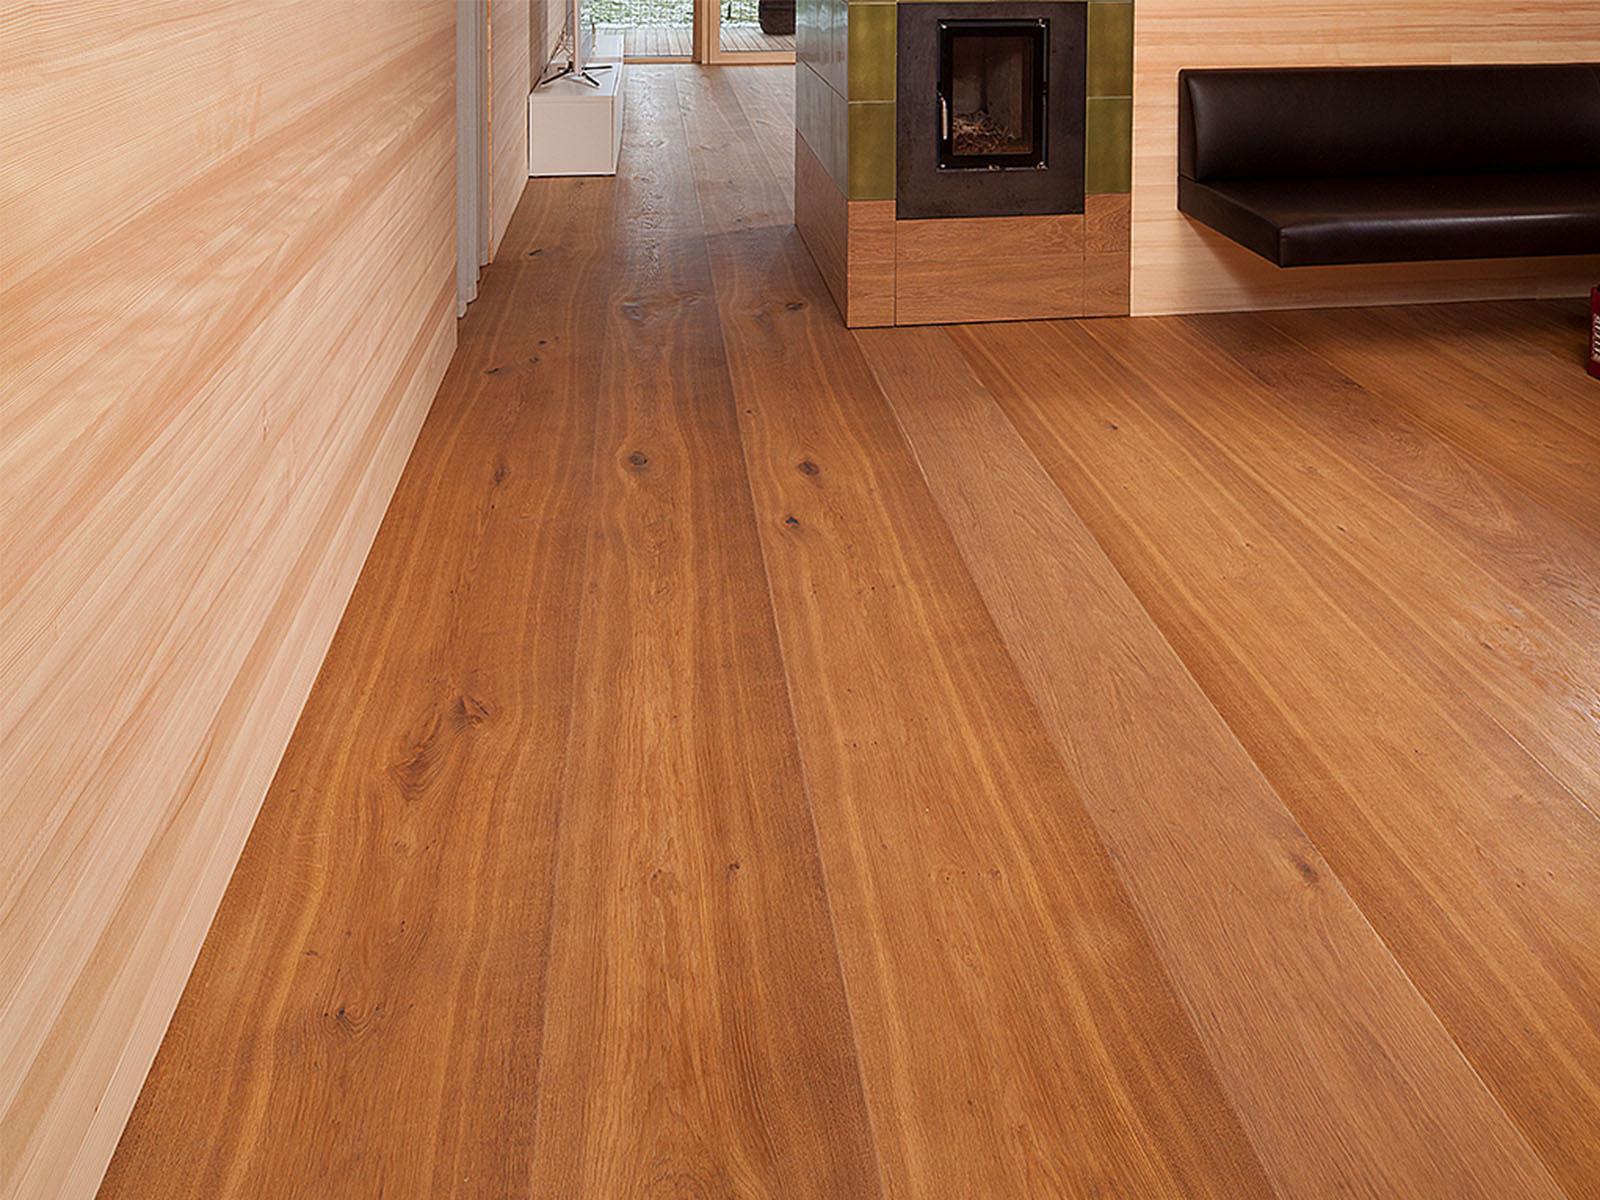 Holzfußboden Streichen ~ Holzboden streichen tren schleifen und lackieren finest free